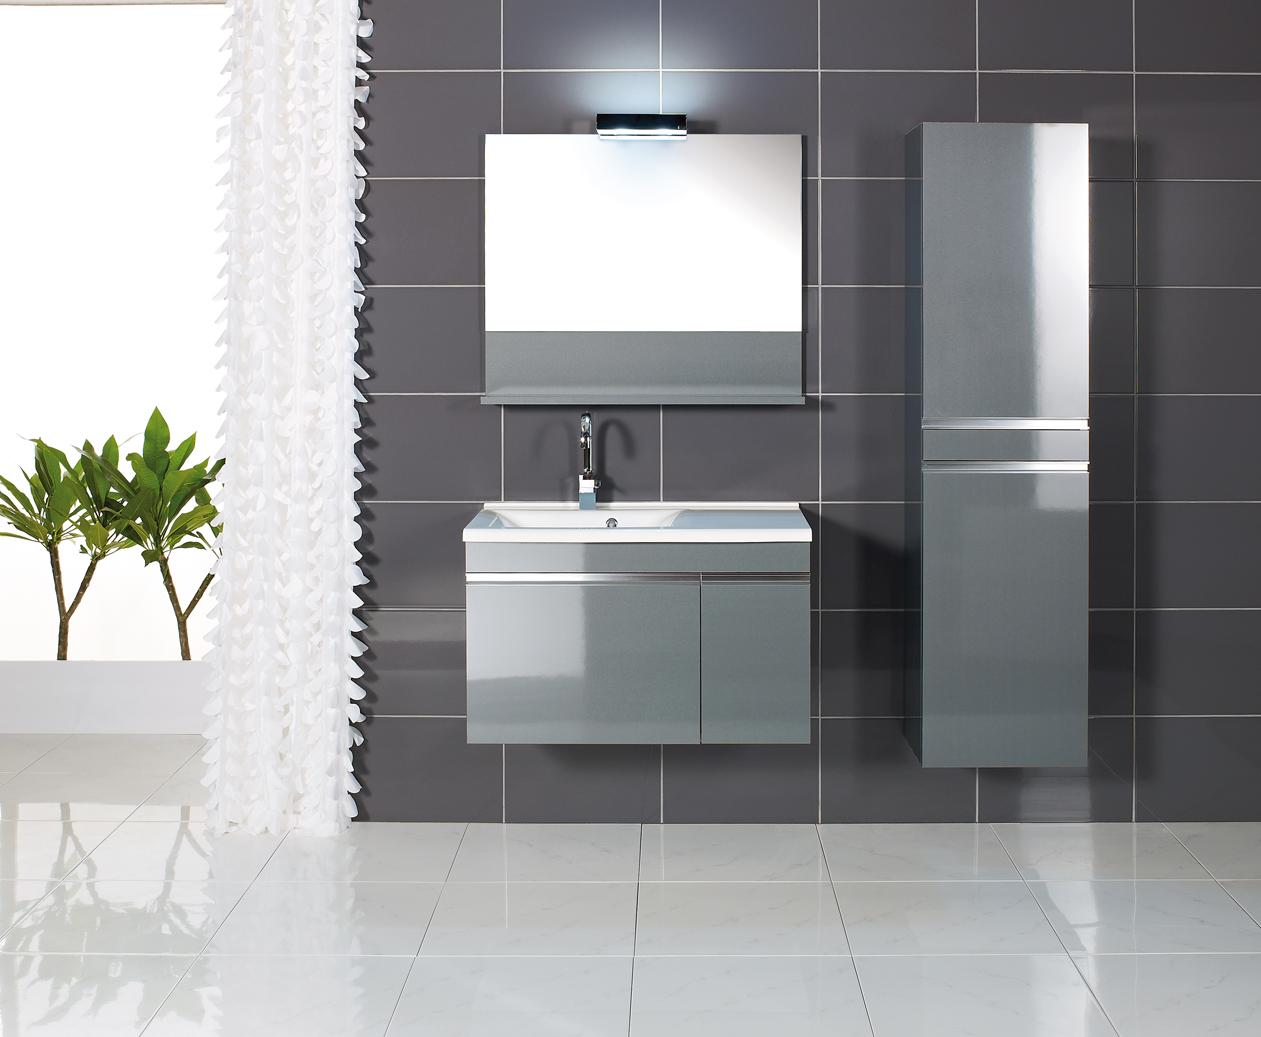 Meubles tendances duc carrelages et bains for Salle de bain meuble gris